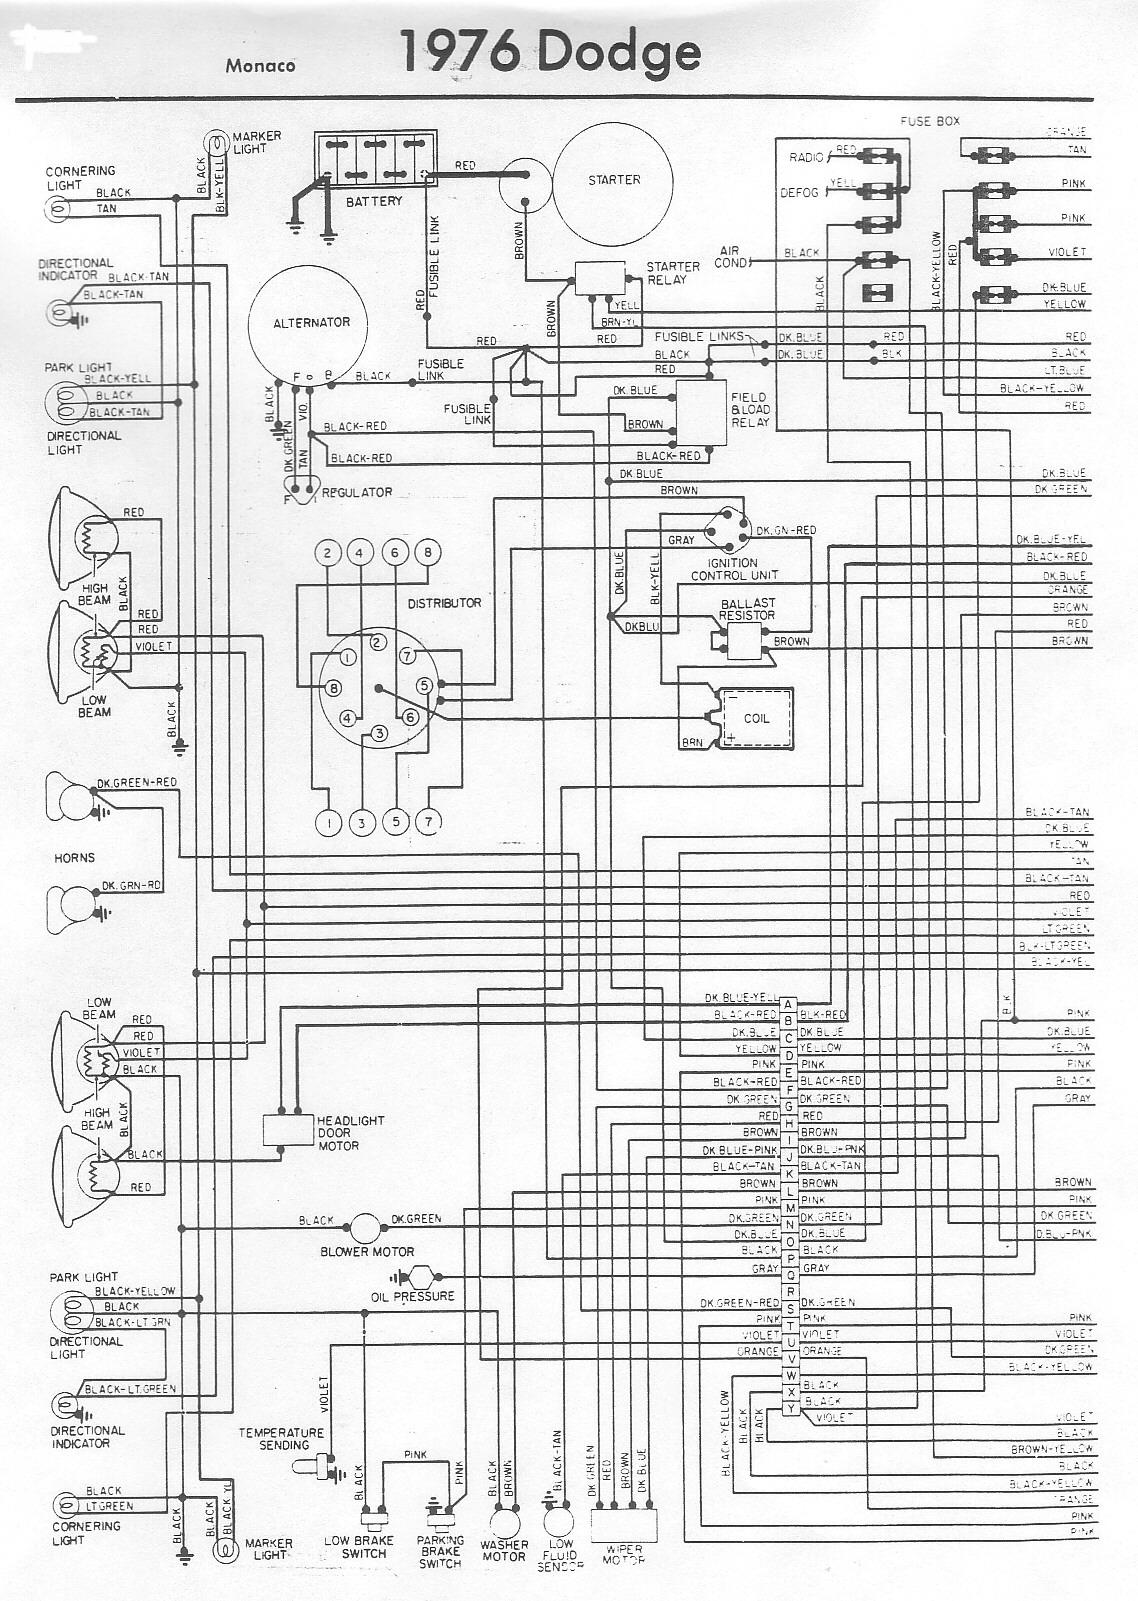 1977 dodge truck electrical schematics wiring diagram data 1986 Dodge Truck Wiring Diagram